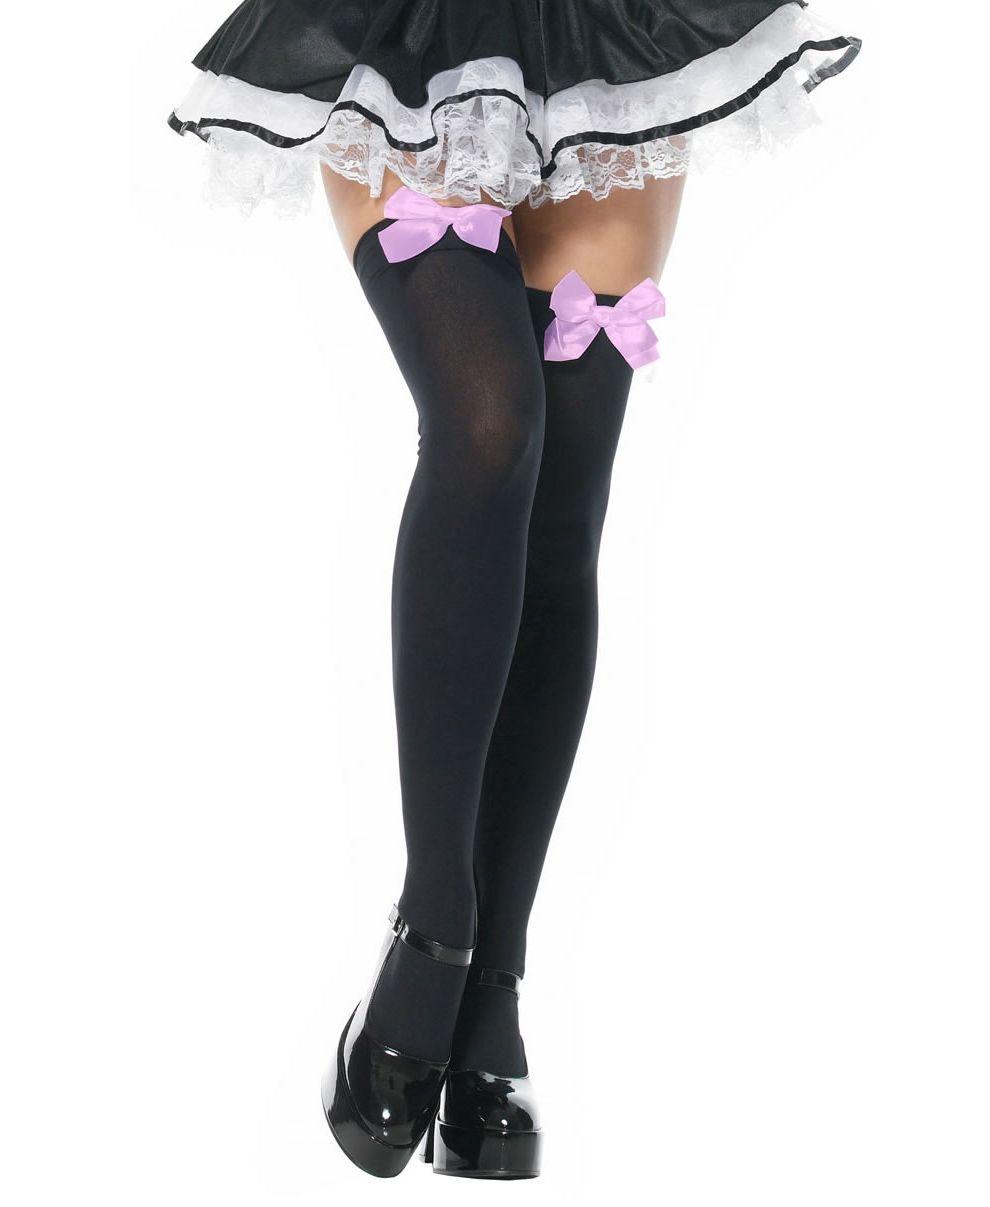 Чёрные чулки с розовыми бантами (40-44) нижнее бельё